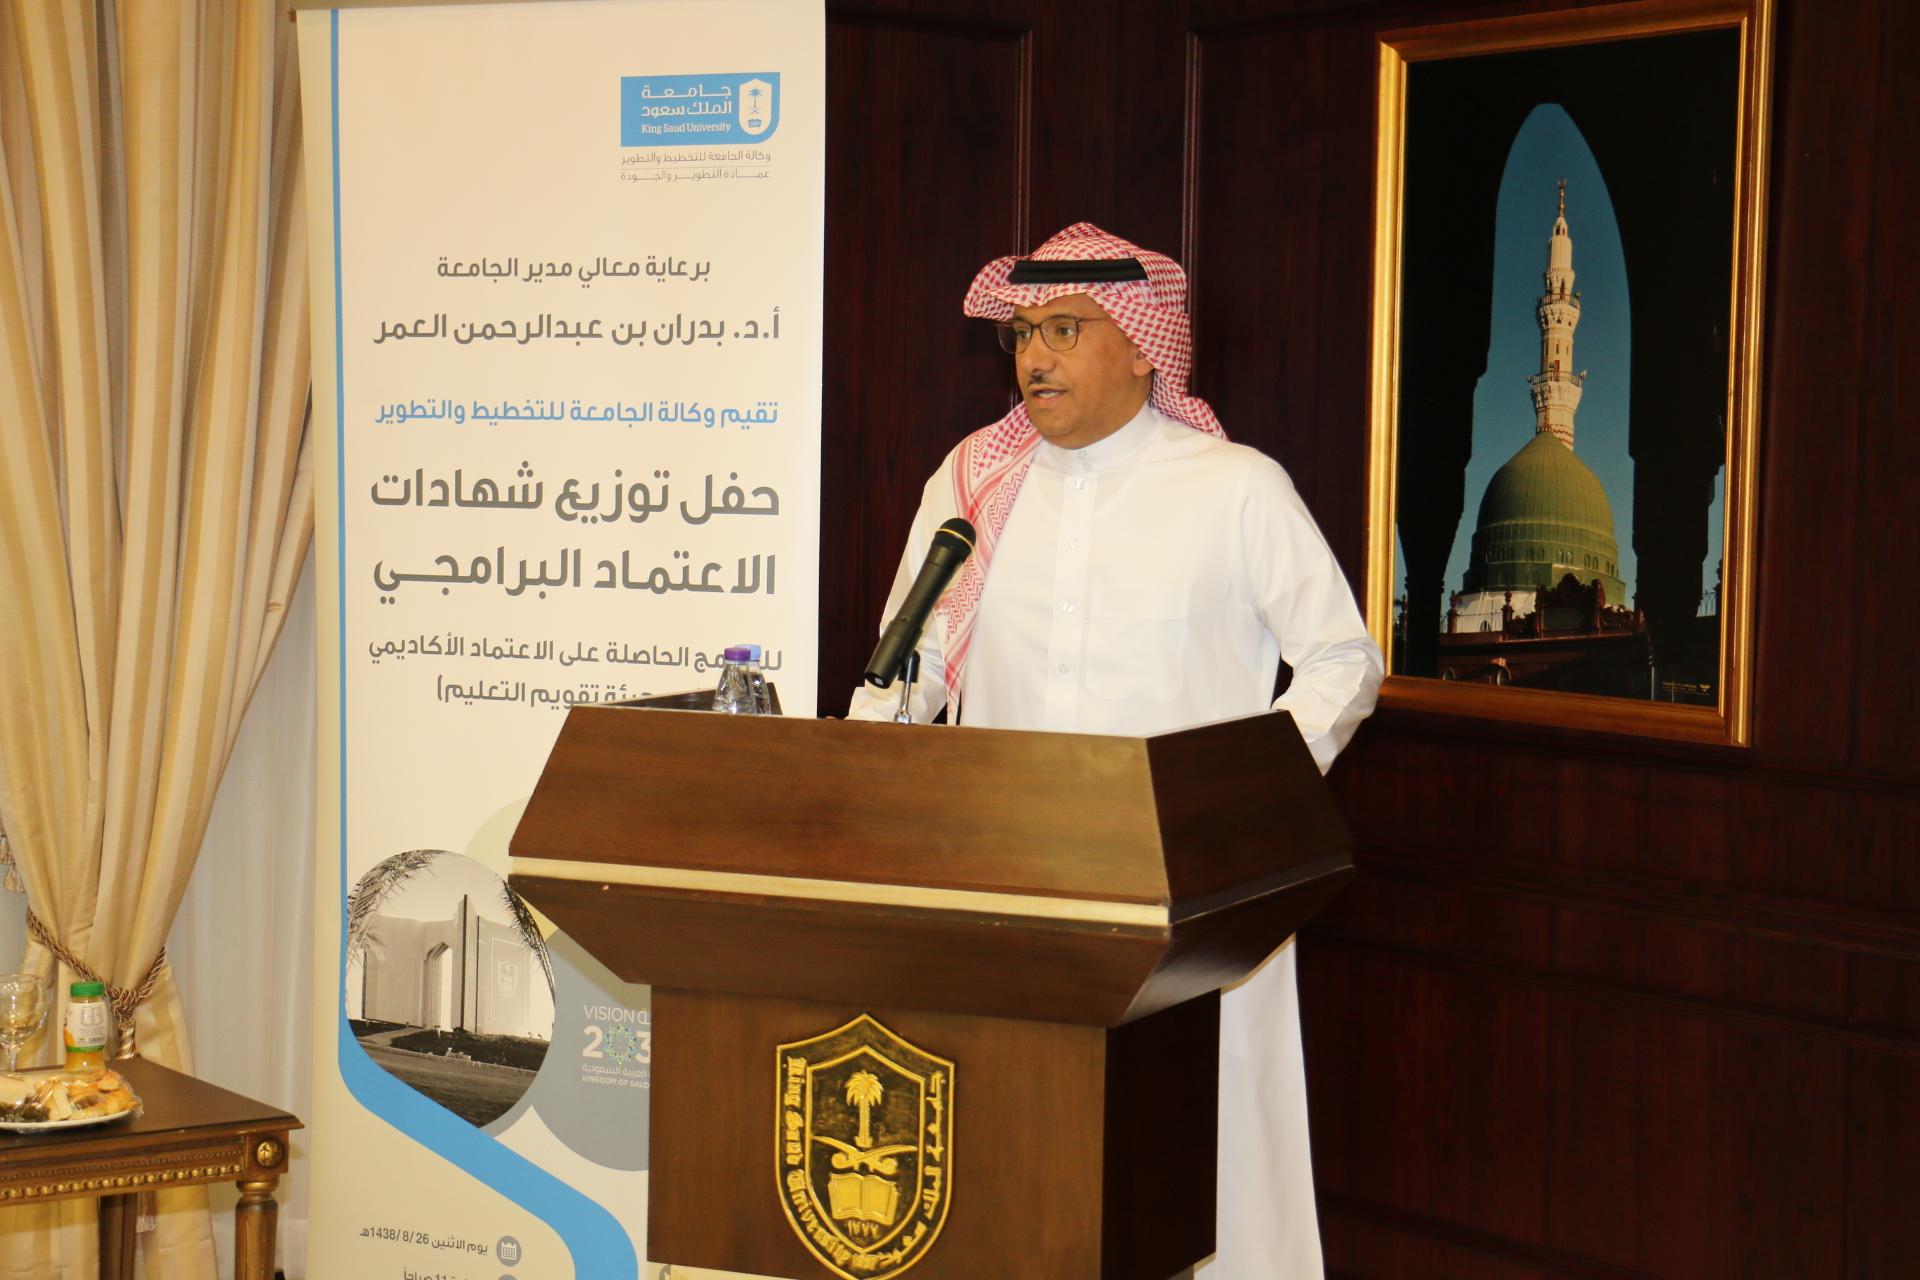 مدير الجامعة يكرم الكليات الحاصلة على الاعتماد البرامجي من هيئة تقويم التعليم